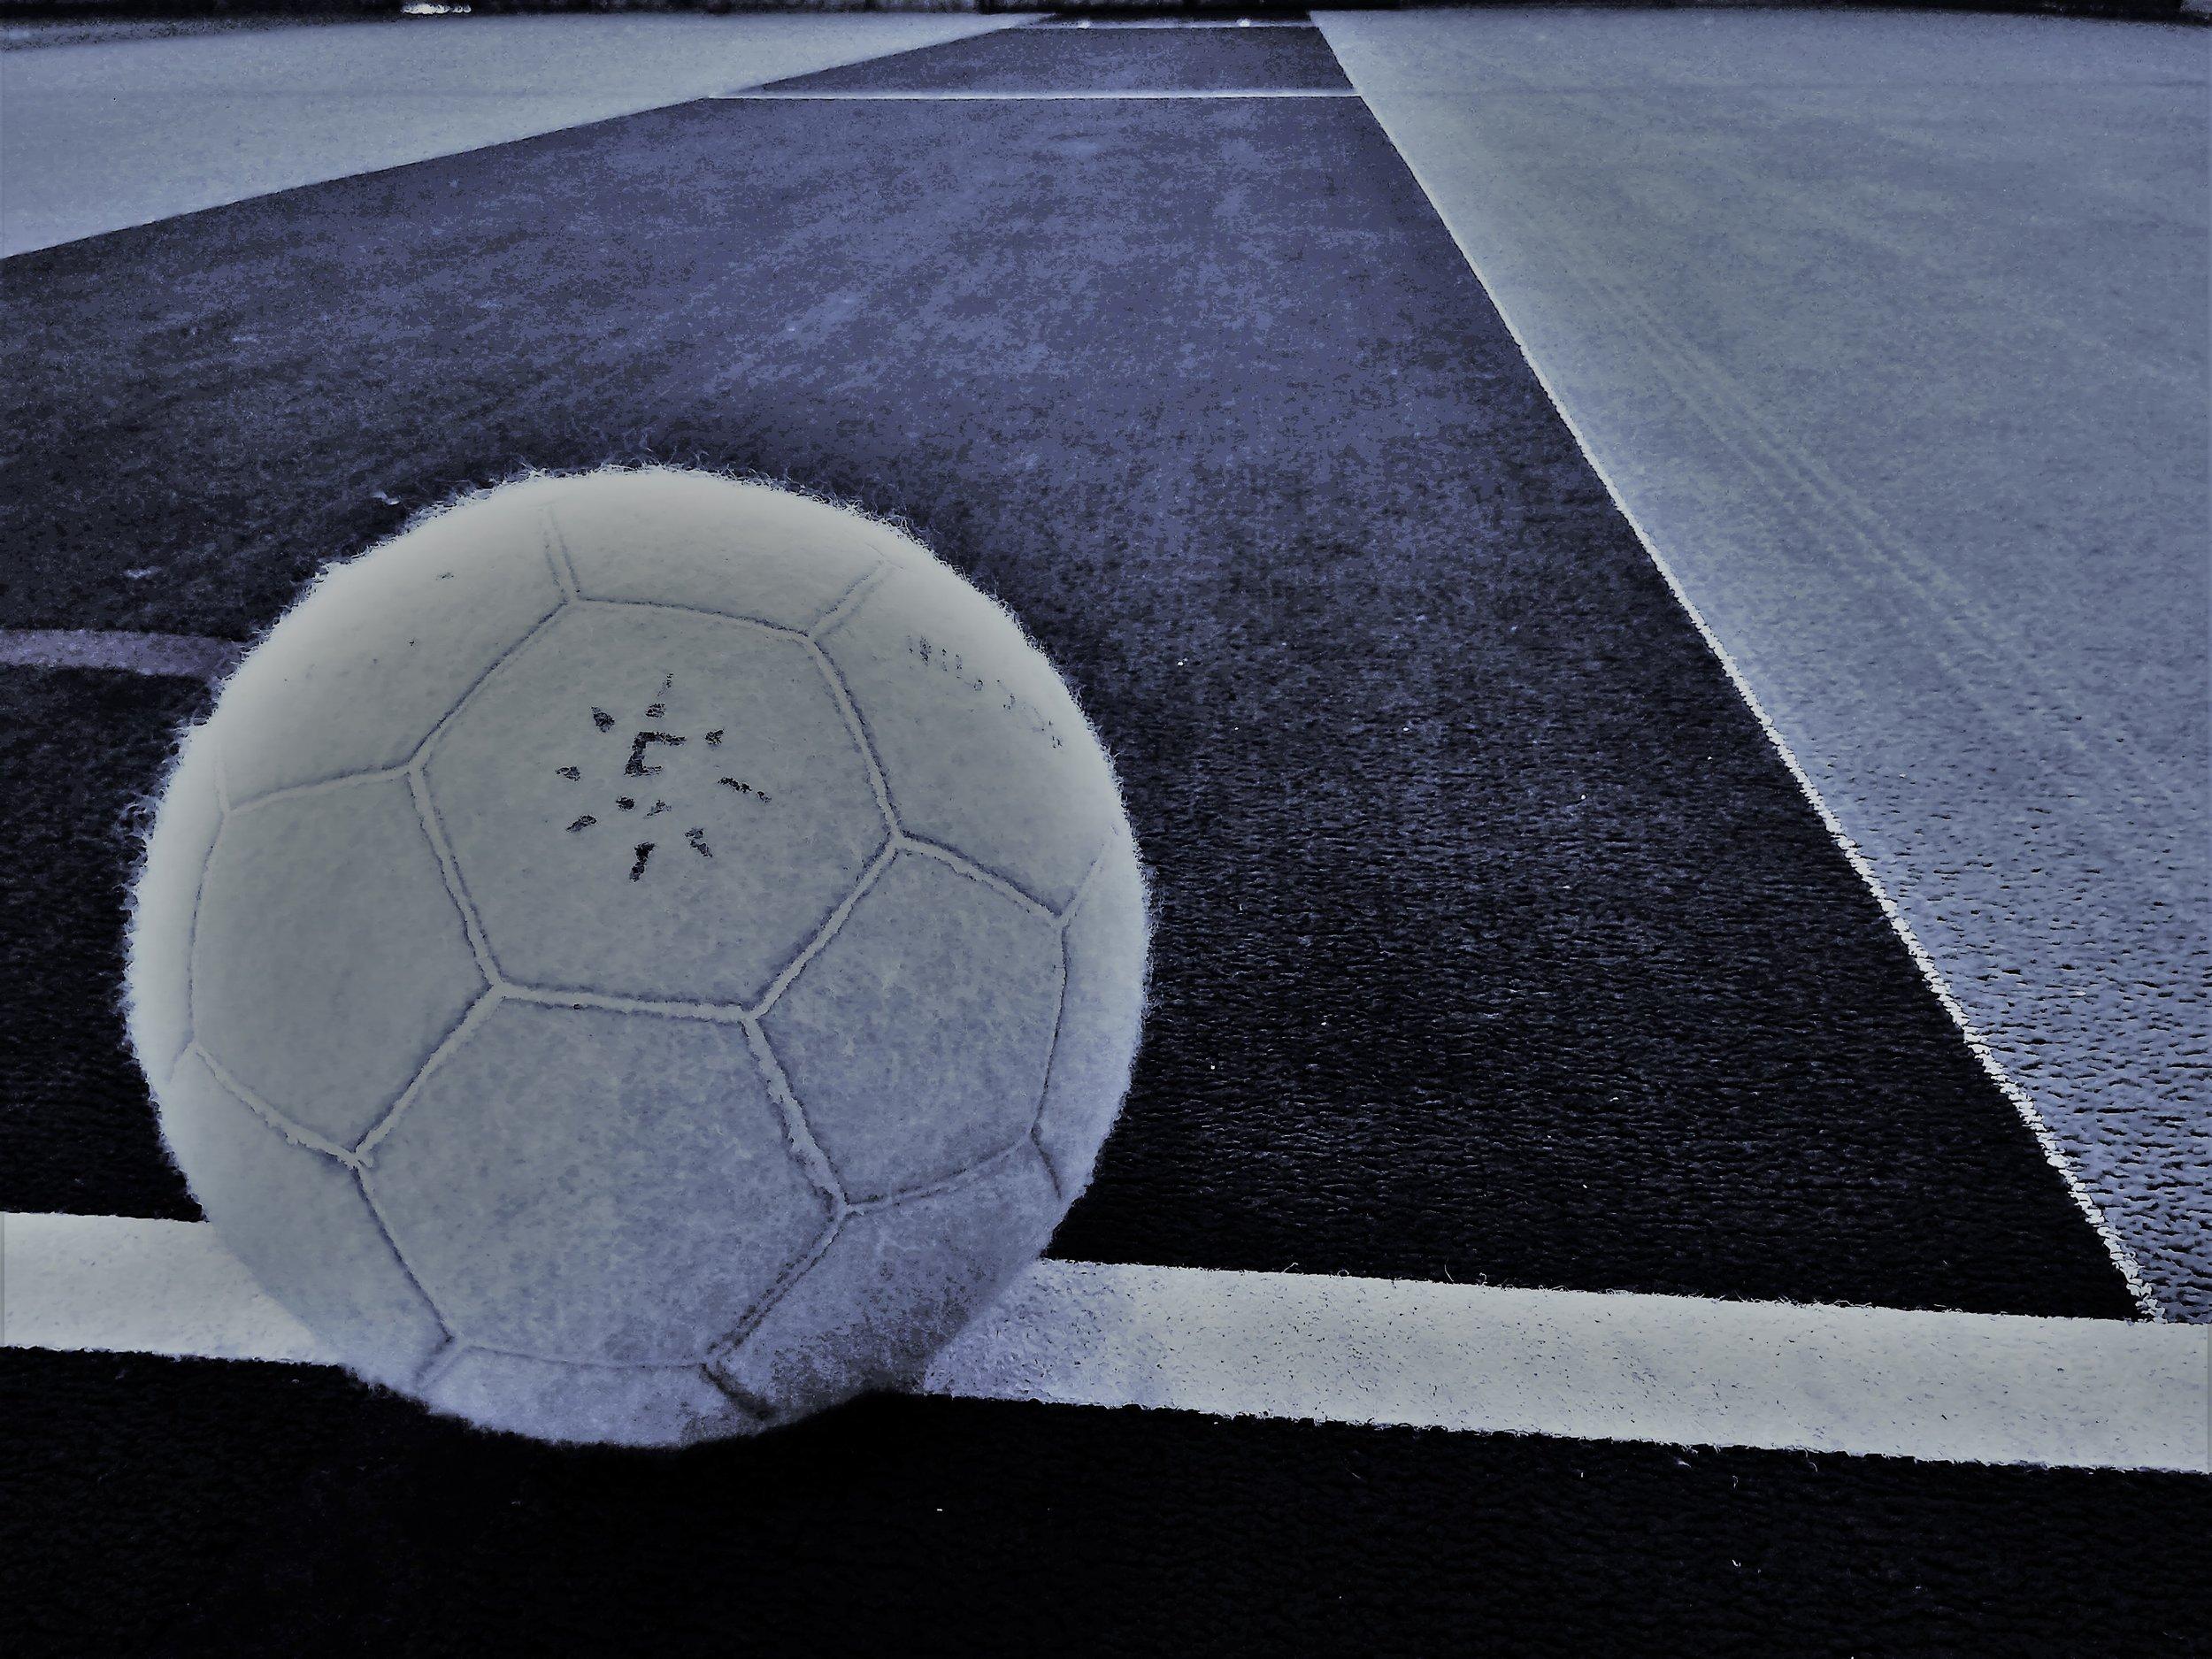 1272156-soccer-full-hd-quality-wallpaper.jpg